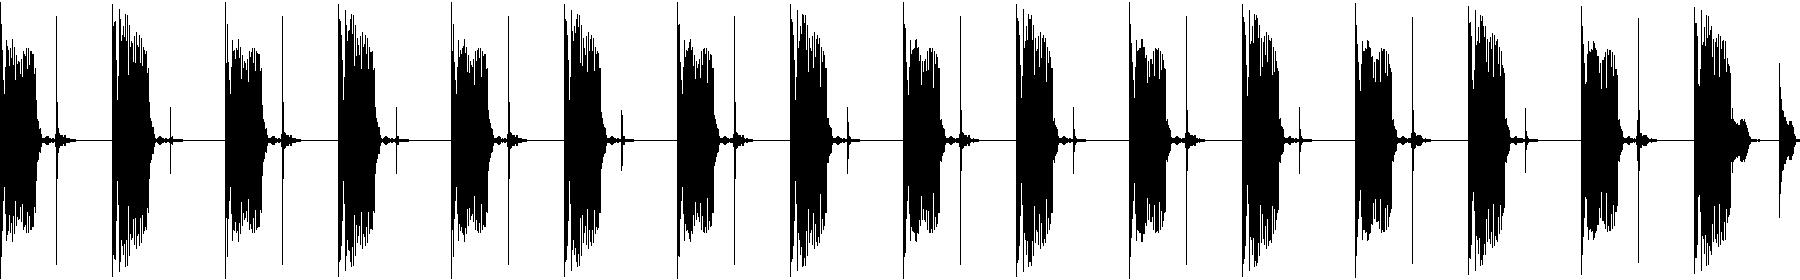 s.w.b.drumloop small 13